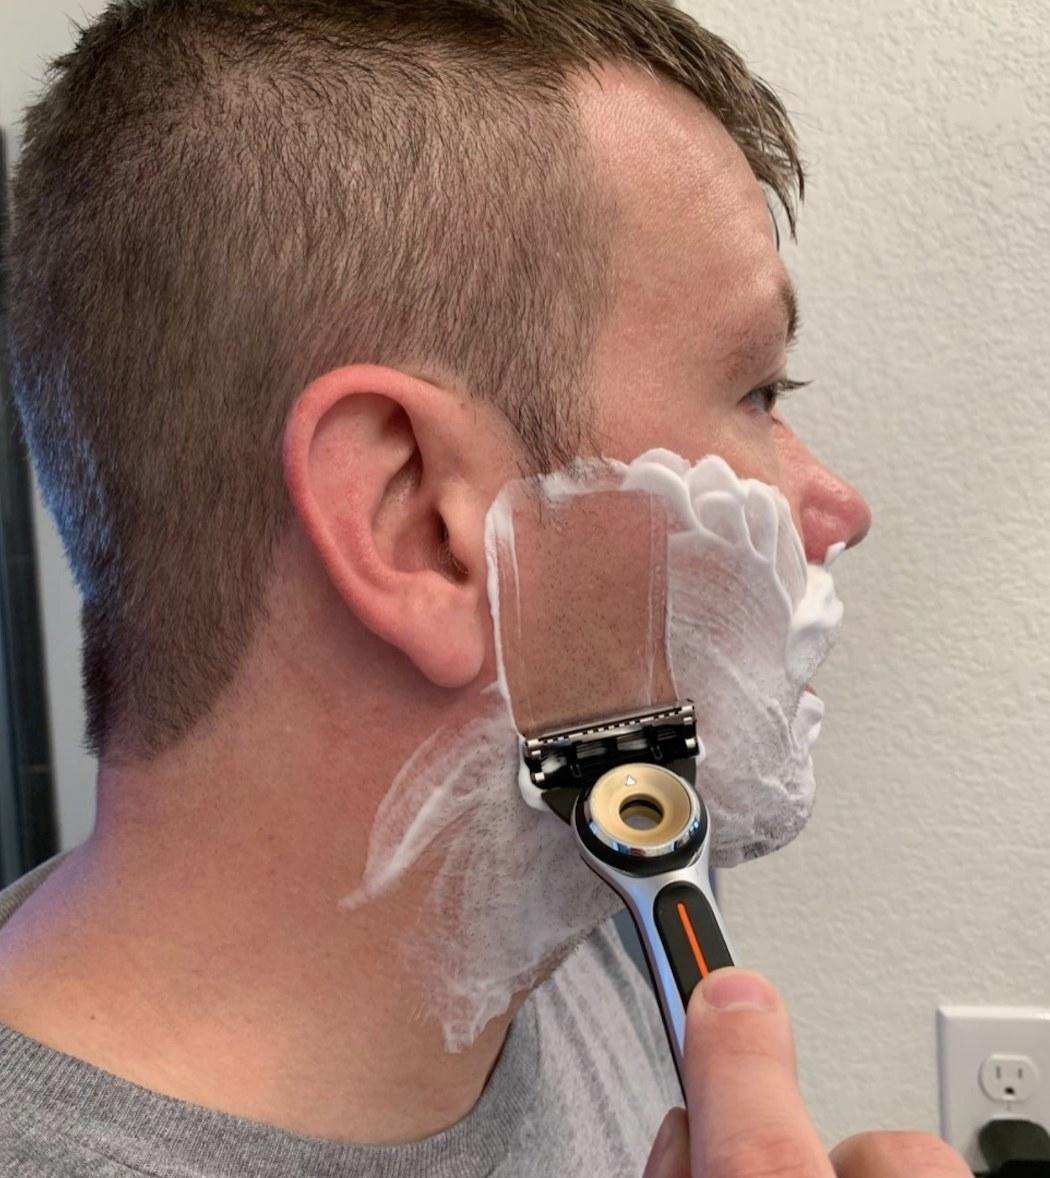 A person shaving